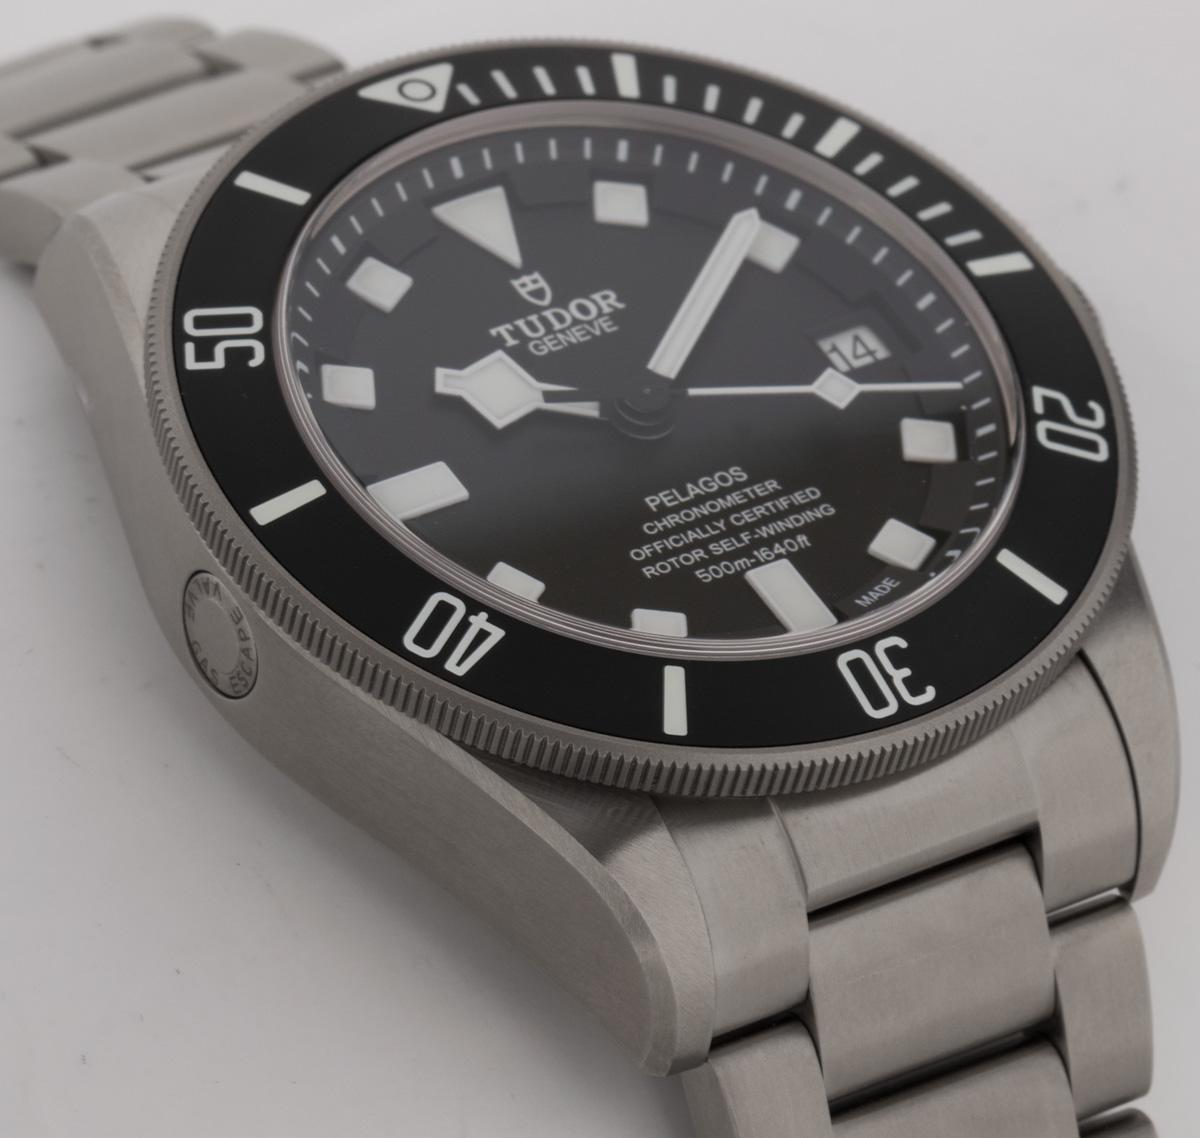 Side angle of Pelagos Chronometer